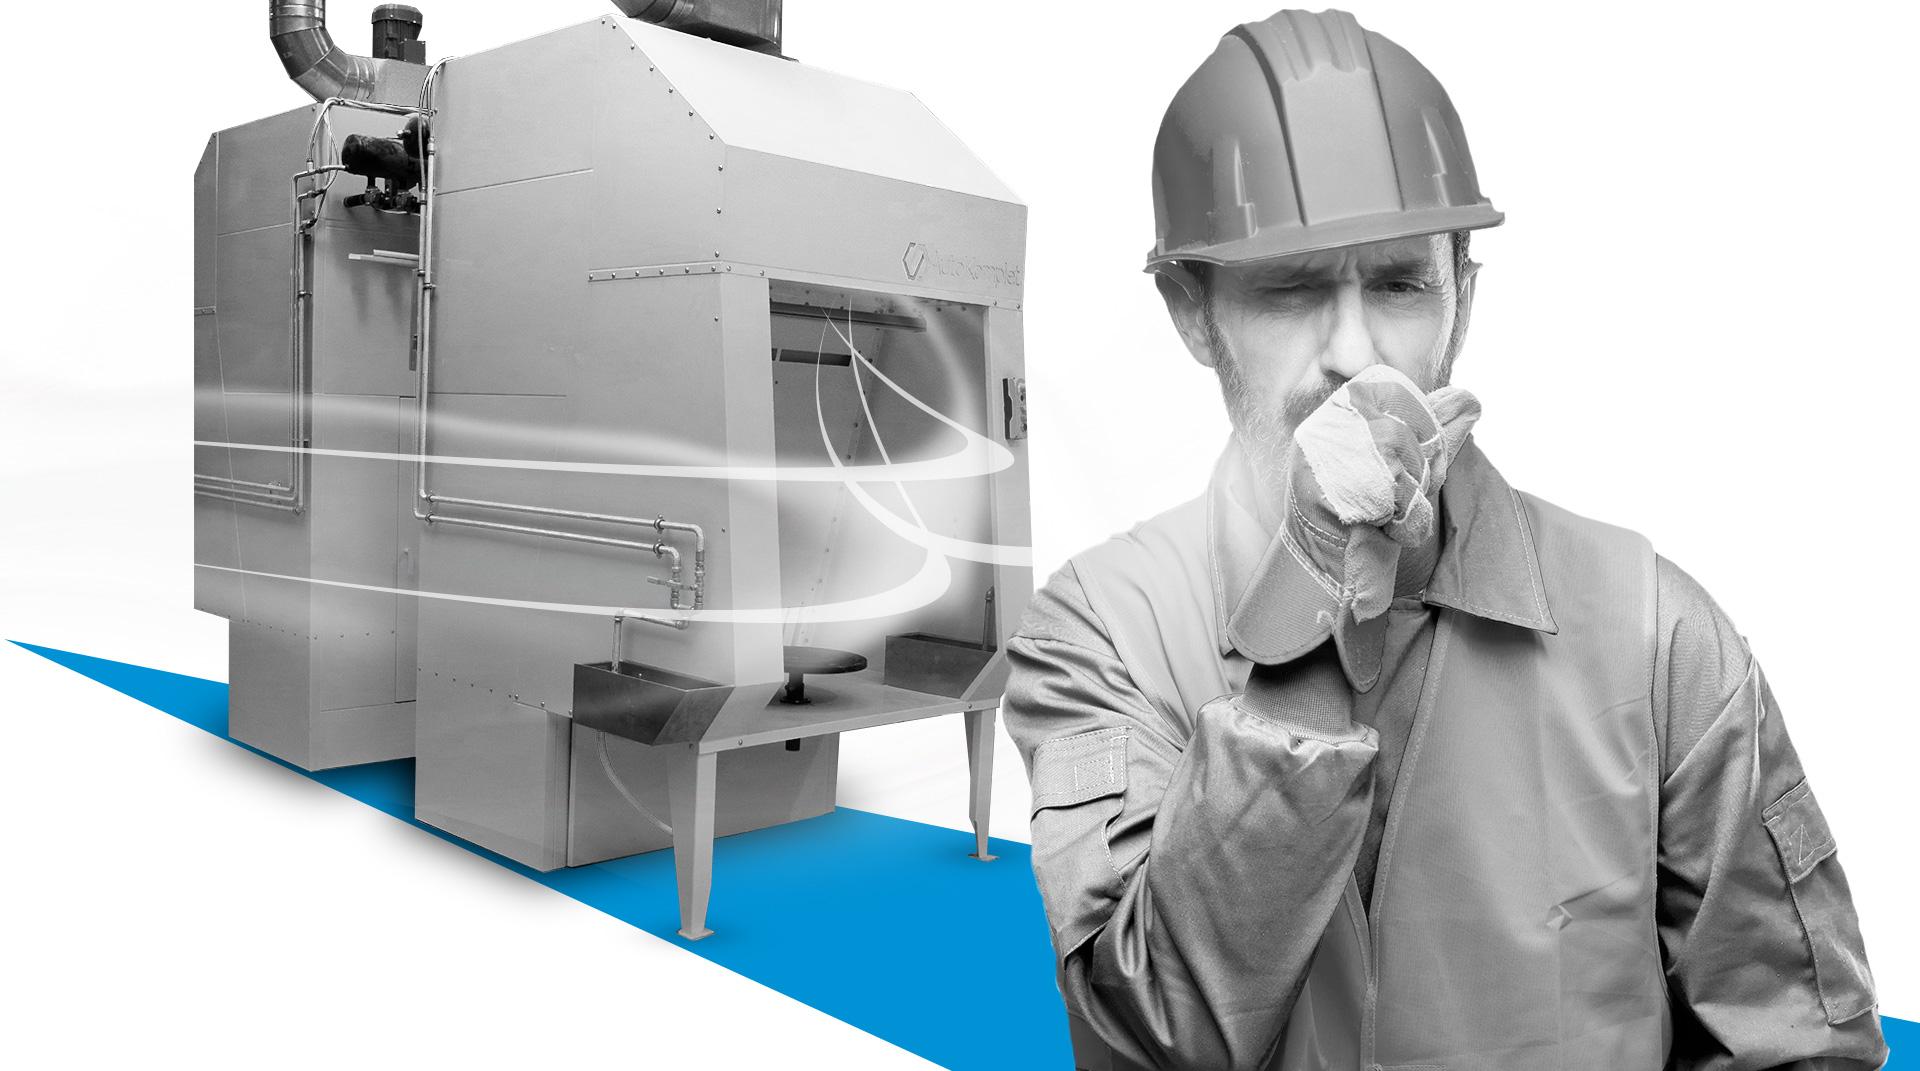 kaszlacy czlowiek system filtrowania